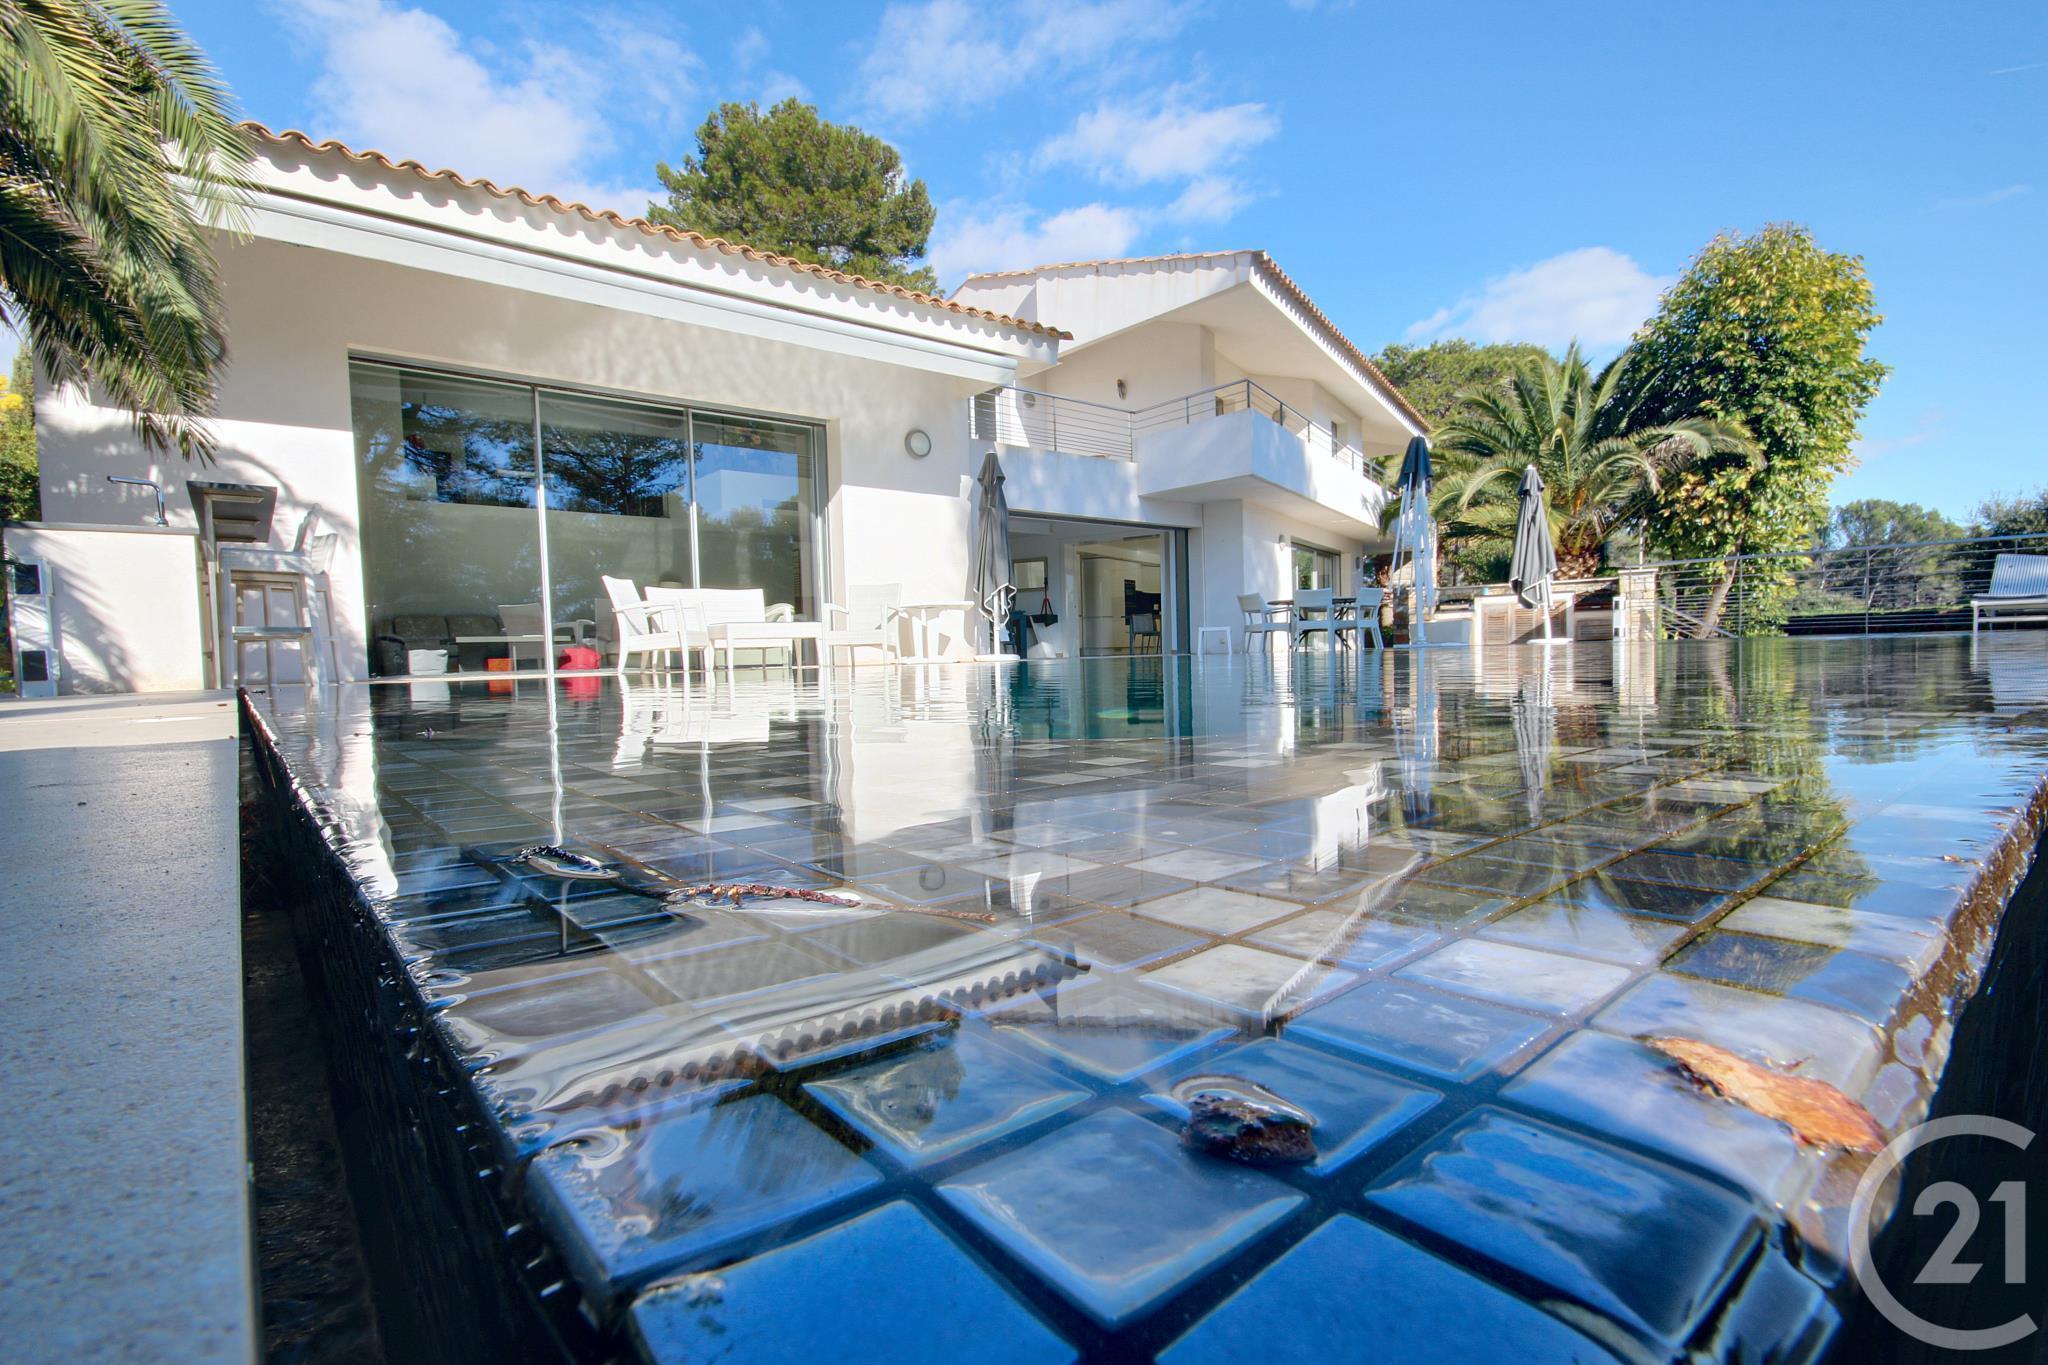 Maison 6pièces 280m² à Antibes